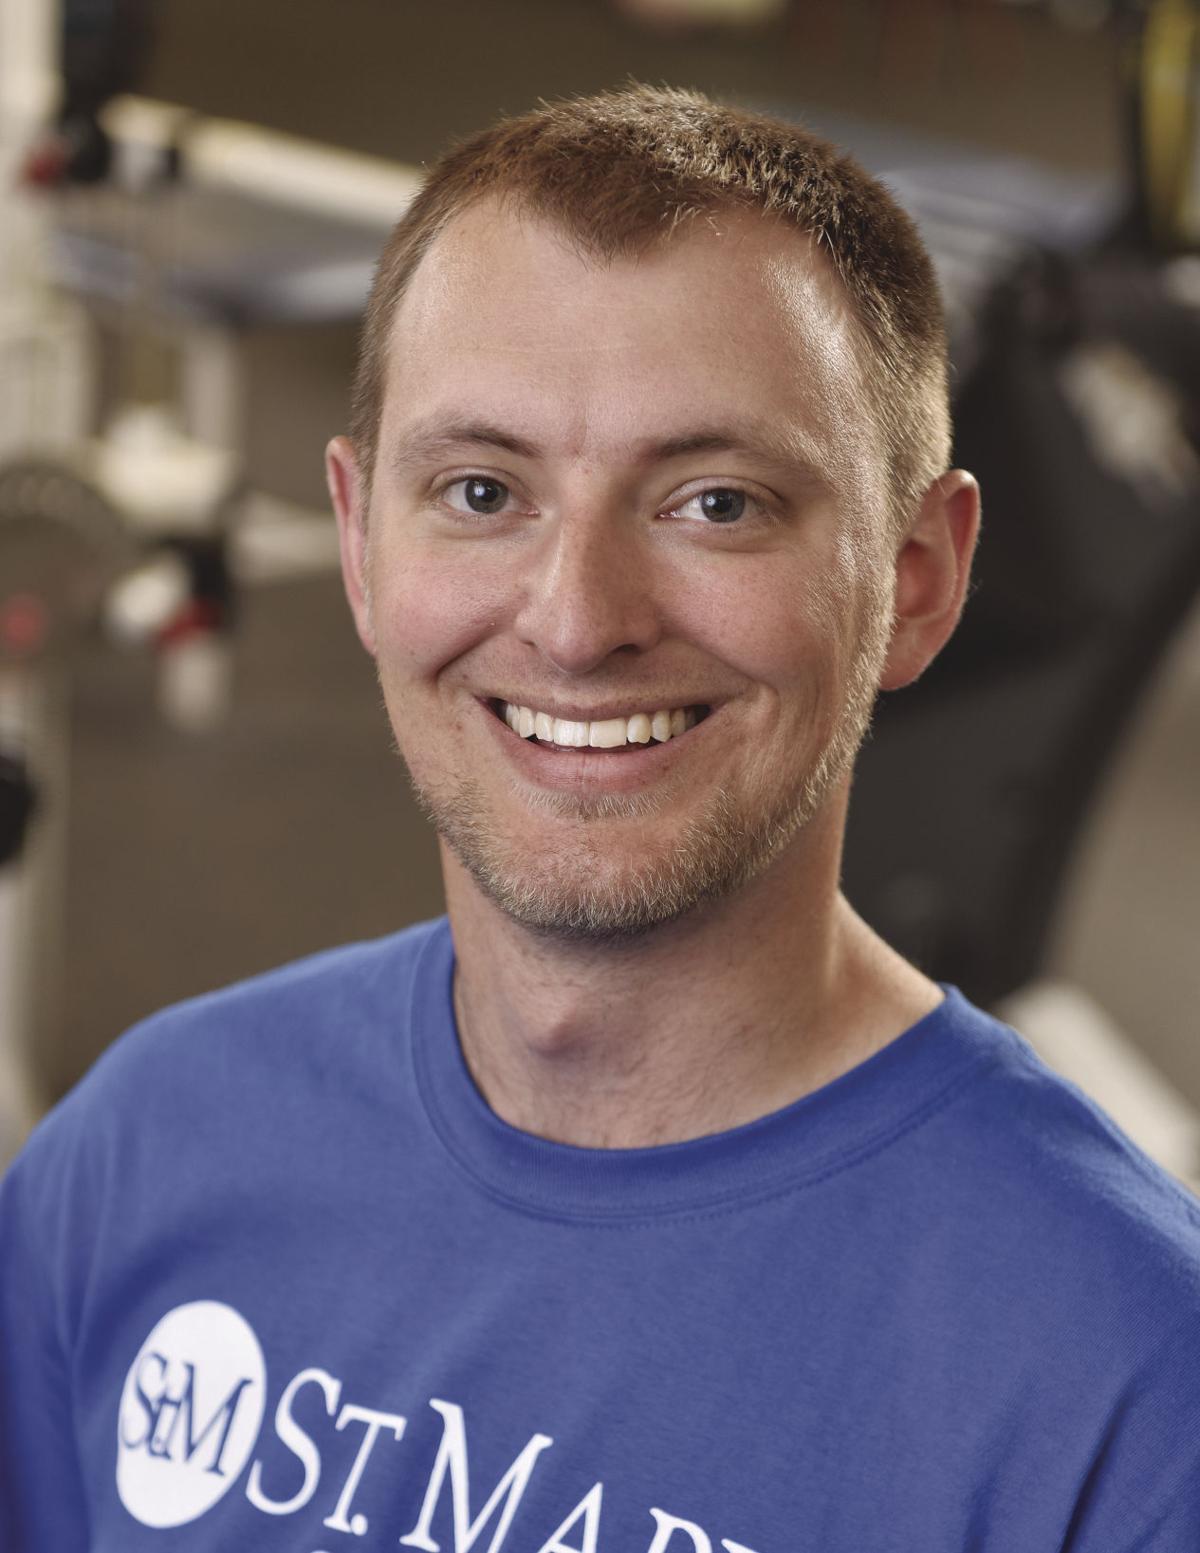 Alex Beelen, PT, DPT